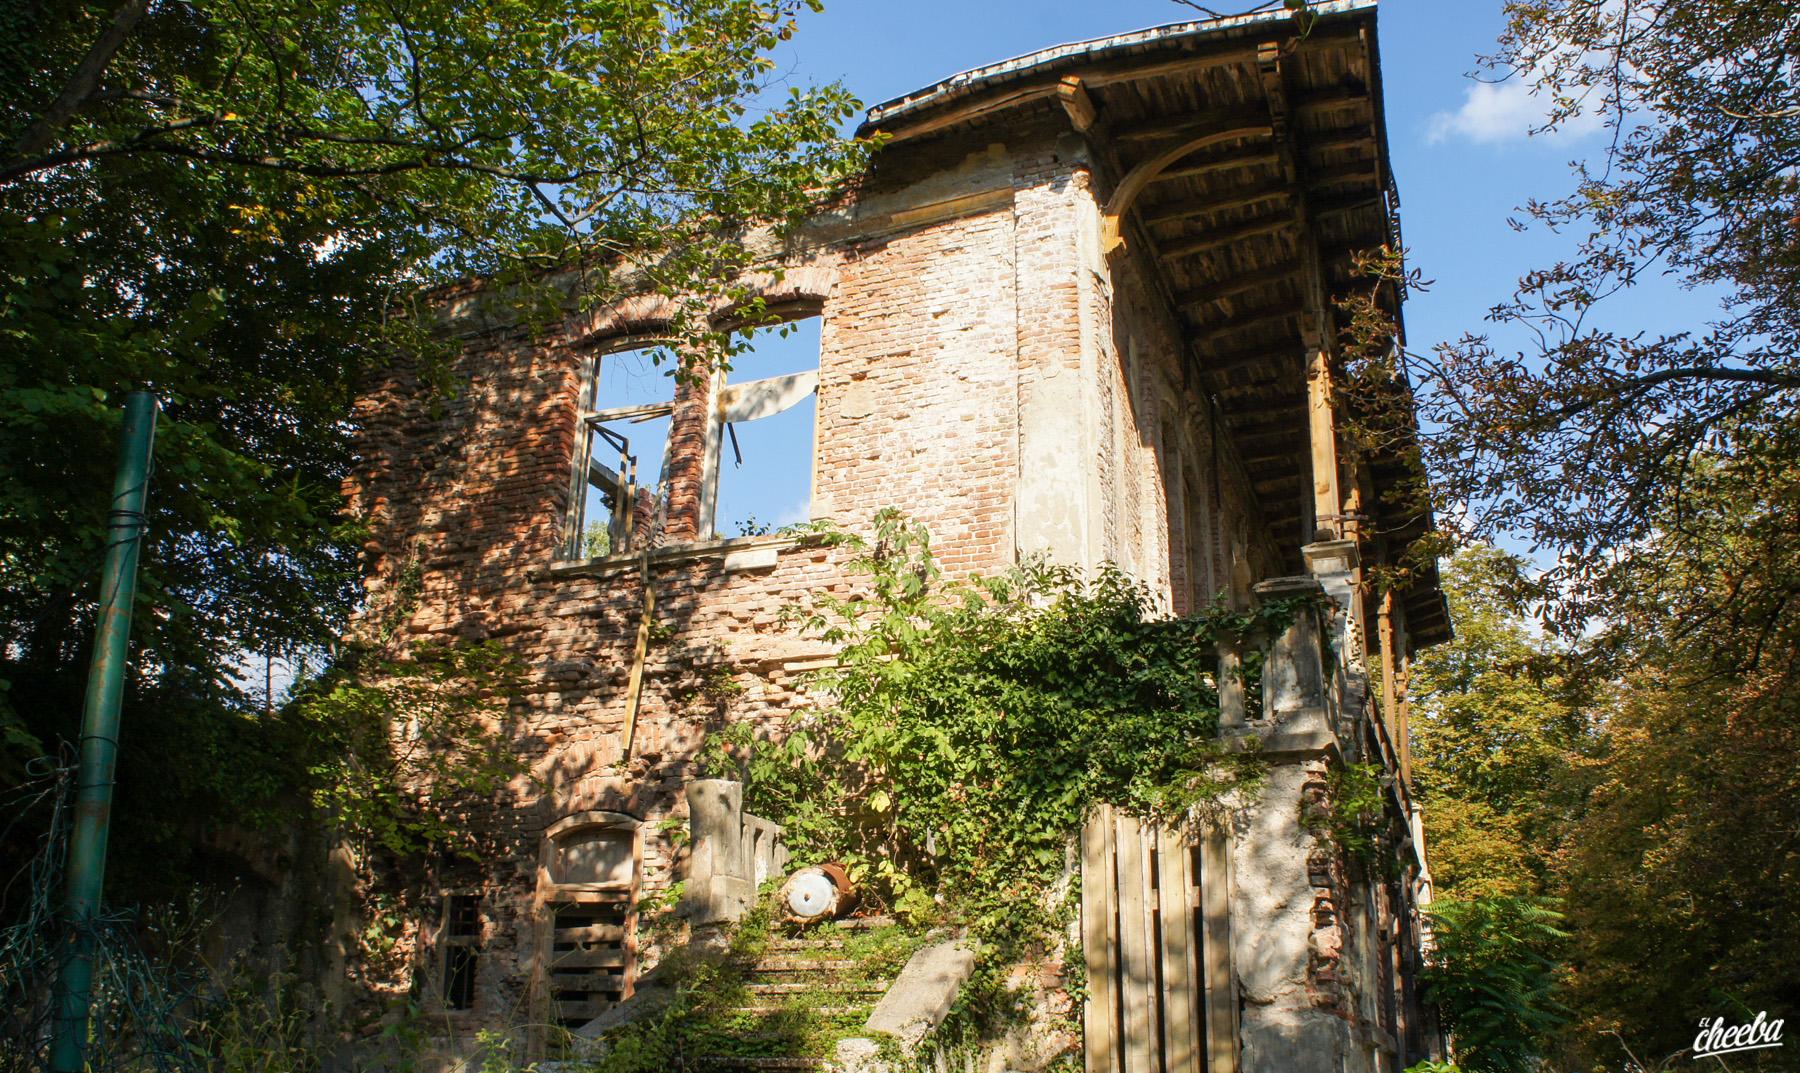 Découverte de la Villa Rikli en Slovénie - Urbex en Slovénie by El Cheeba